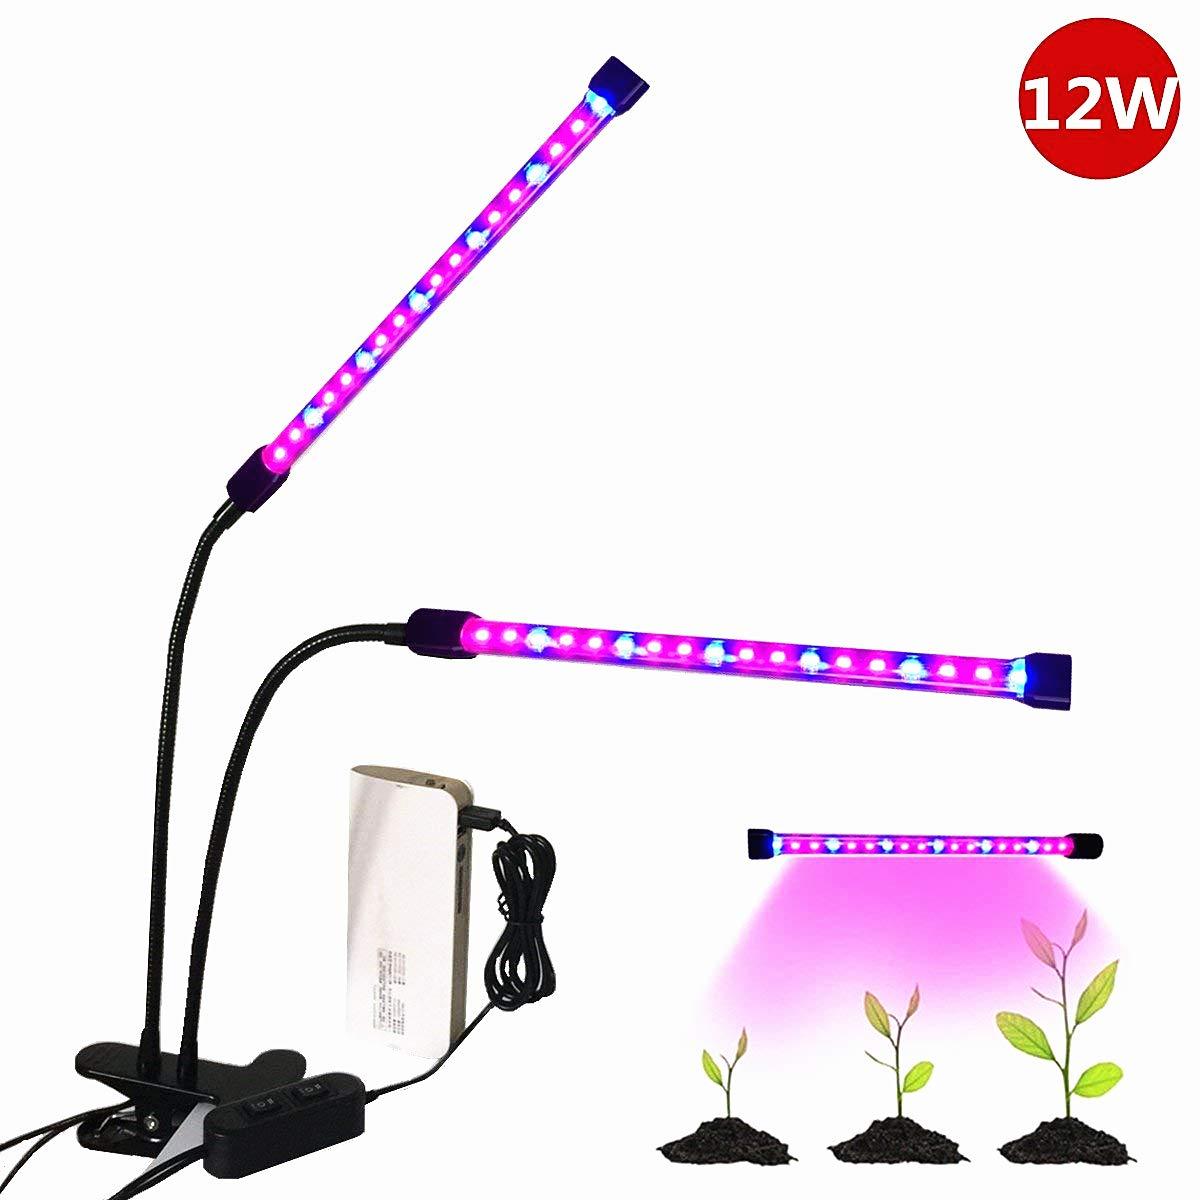 2017 NEU Doppelkopf LED Pflanzenlampe, Florally 12W Pflanzenleuchte USB Pflanzenlicht Wachstumslampe, 36 LEDs(24 Rote, 12 Blaue), 2 Lichtmodi verstellbar, Grow Licht Wachsen Lichter, Klemmleuchten mit 360 Grad einstellbar Flexible Gooseneck für Zimmerpflan